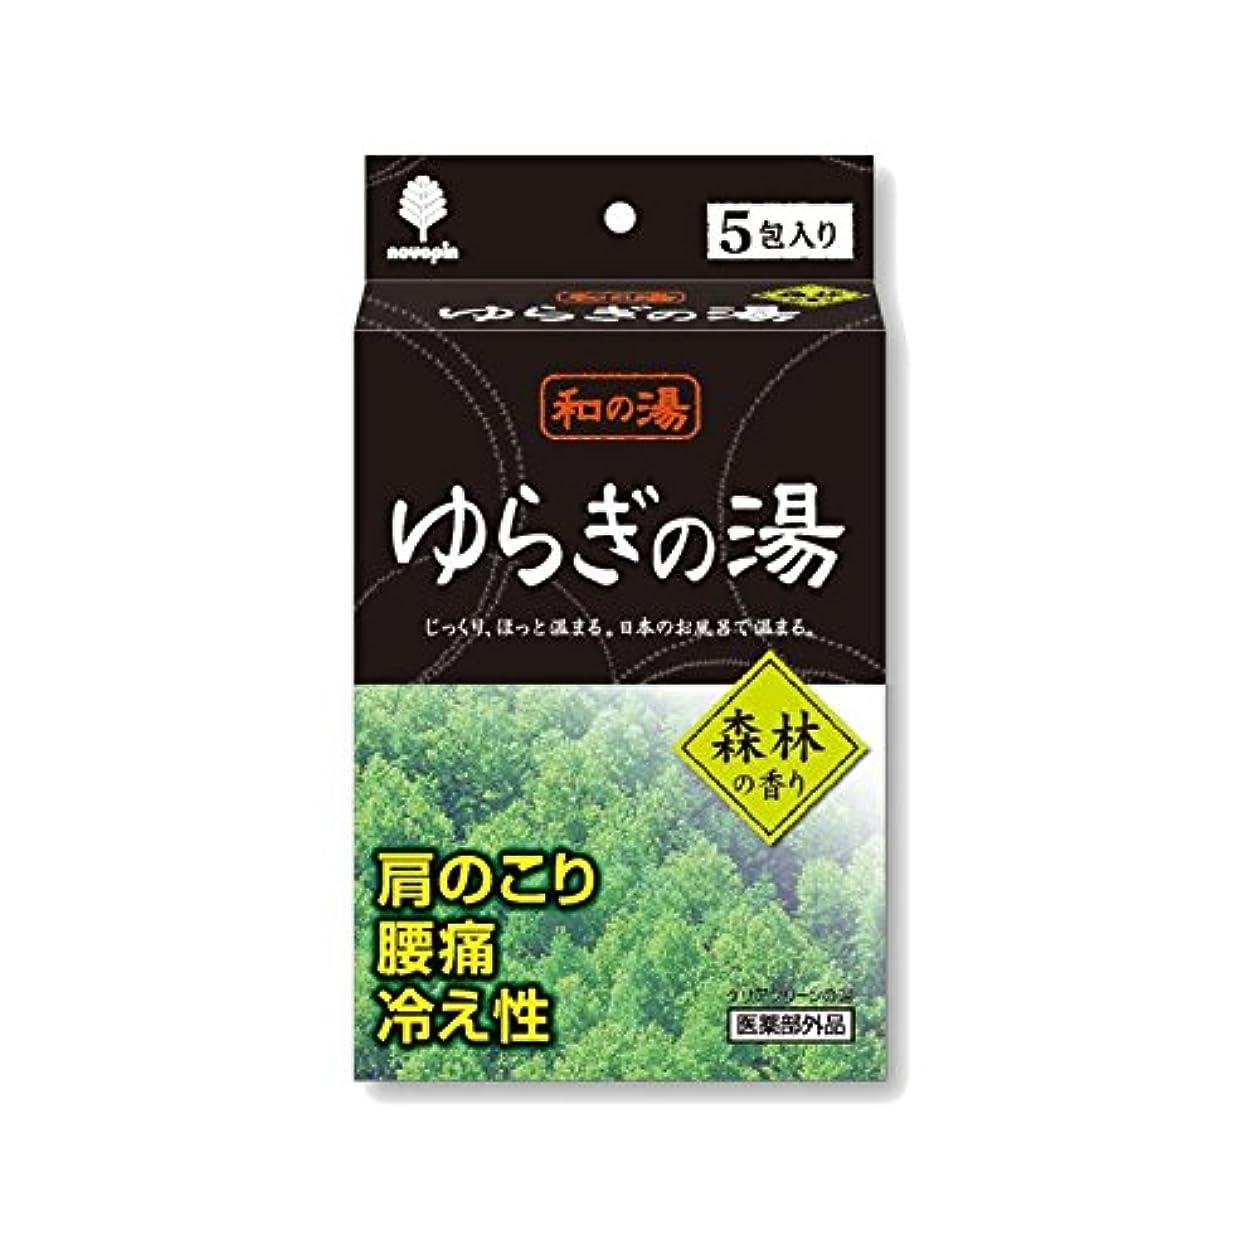 クリア投資対応和の湯 ゆらぎの湯 森林の香り(25gx5)x10